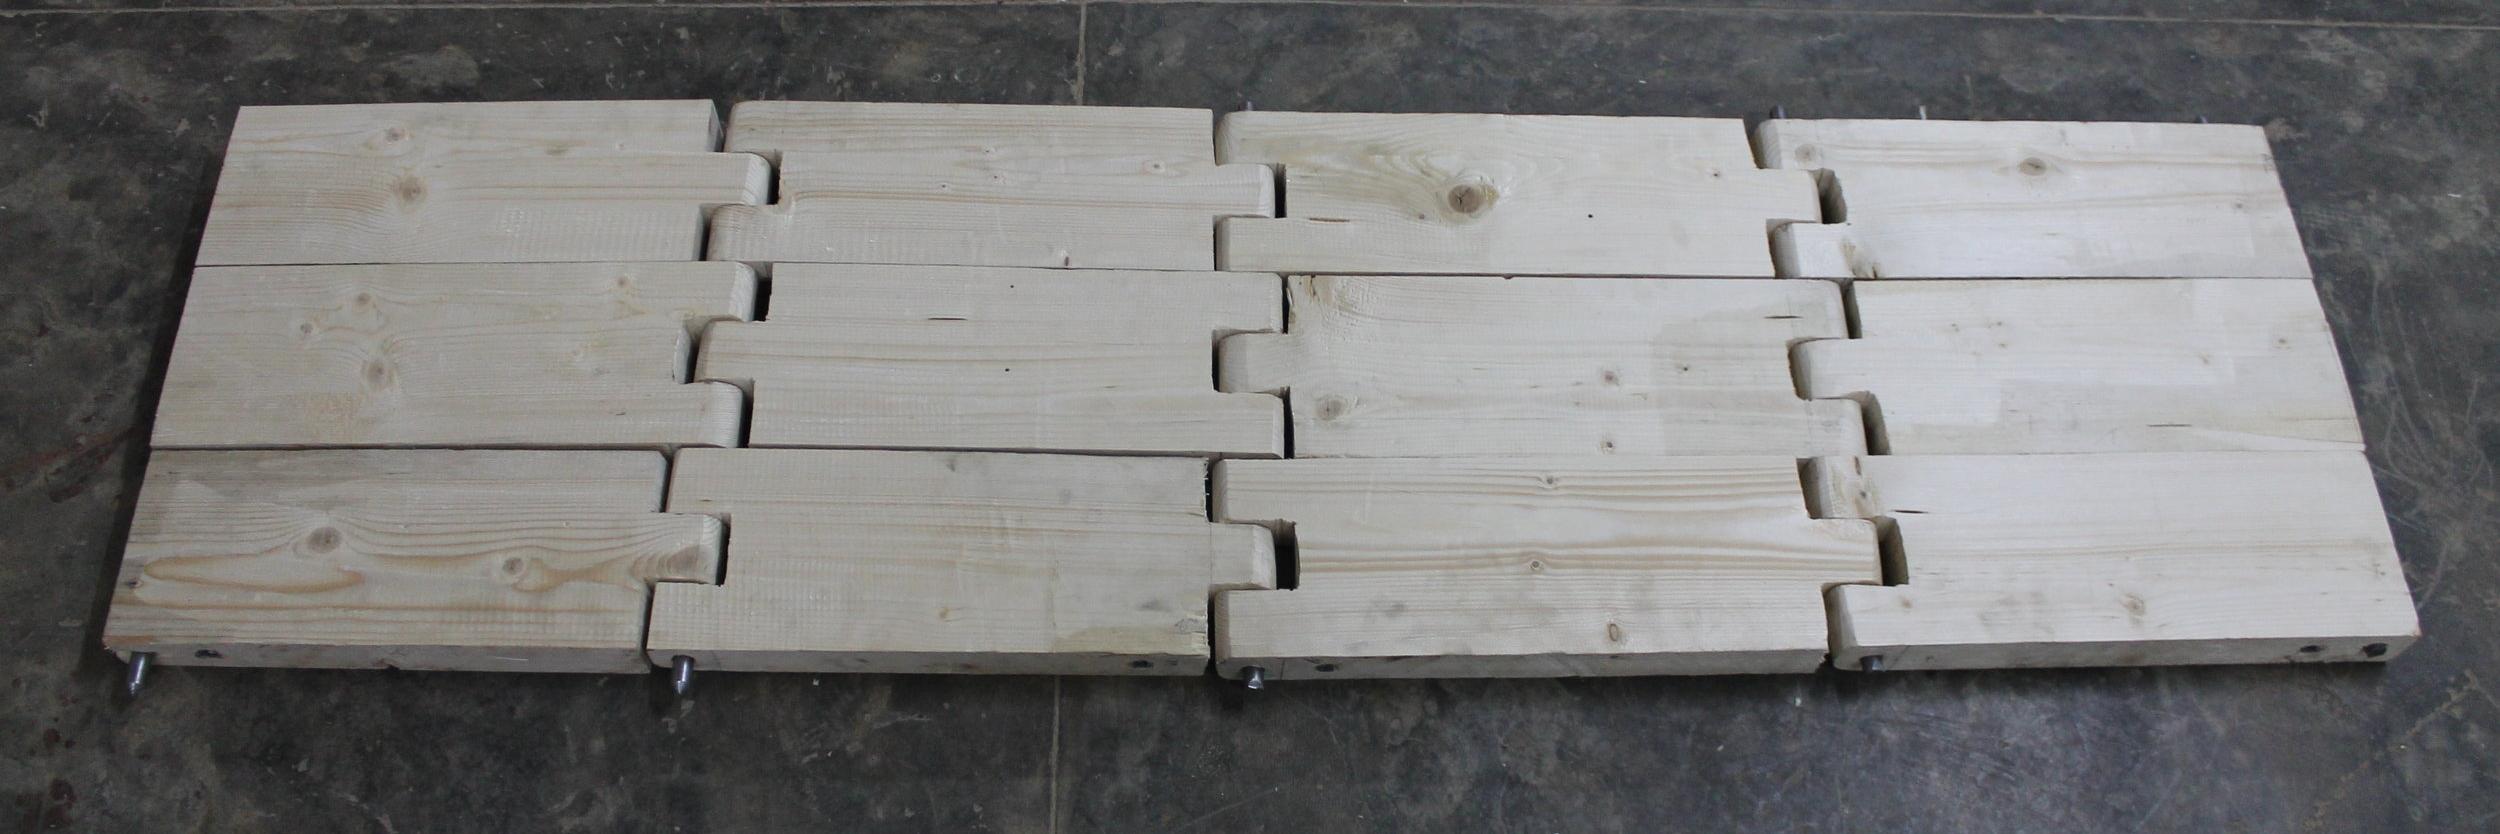 3-way furniture by Natasha sharma